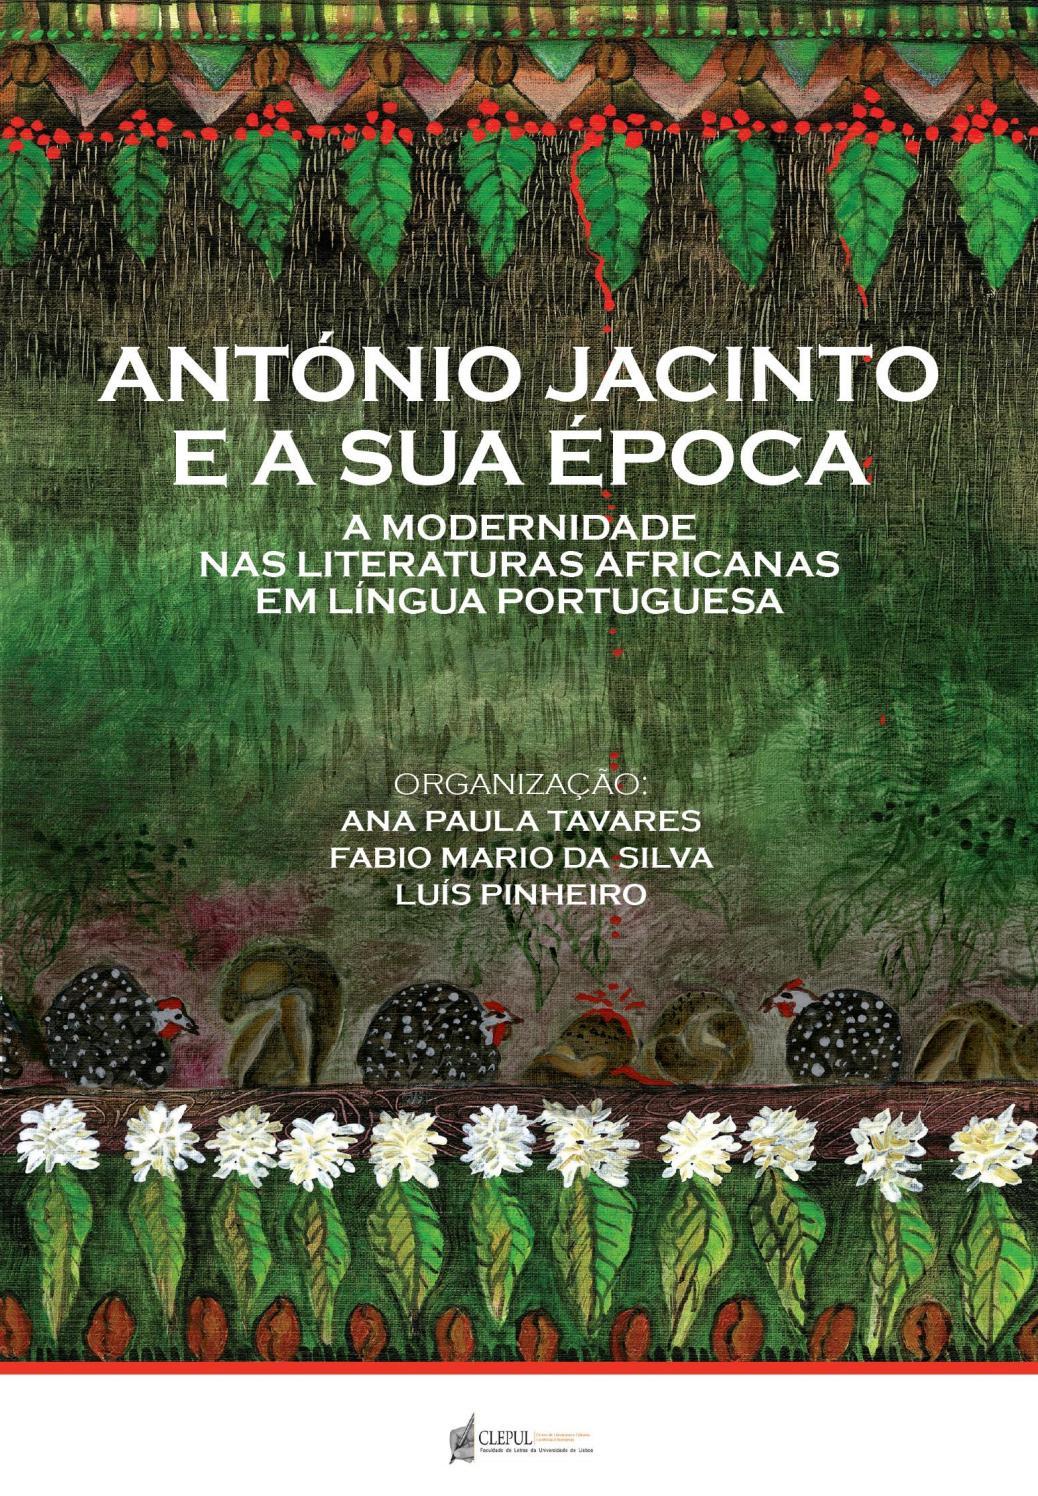 a2d9c9fab30 A modernidade nas literaturas africanas em língua portuguesa by Centro de  Literaturas e Culturas Lusófonas e Europeias - issuu